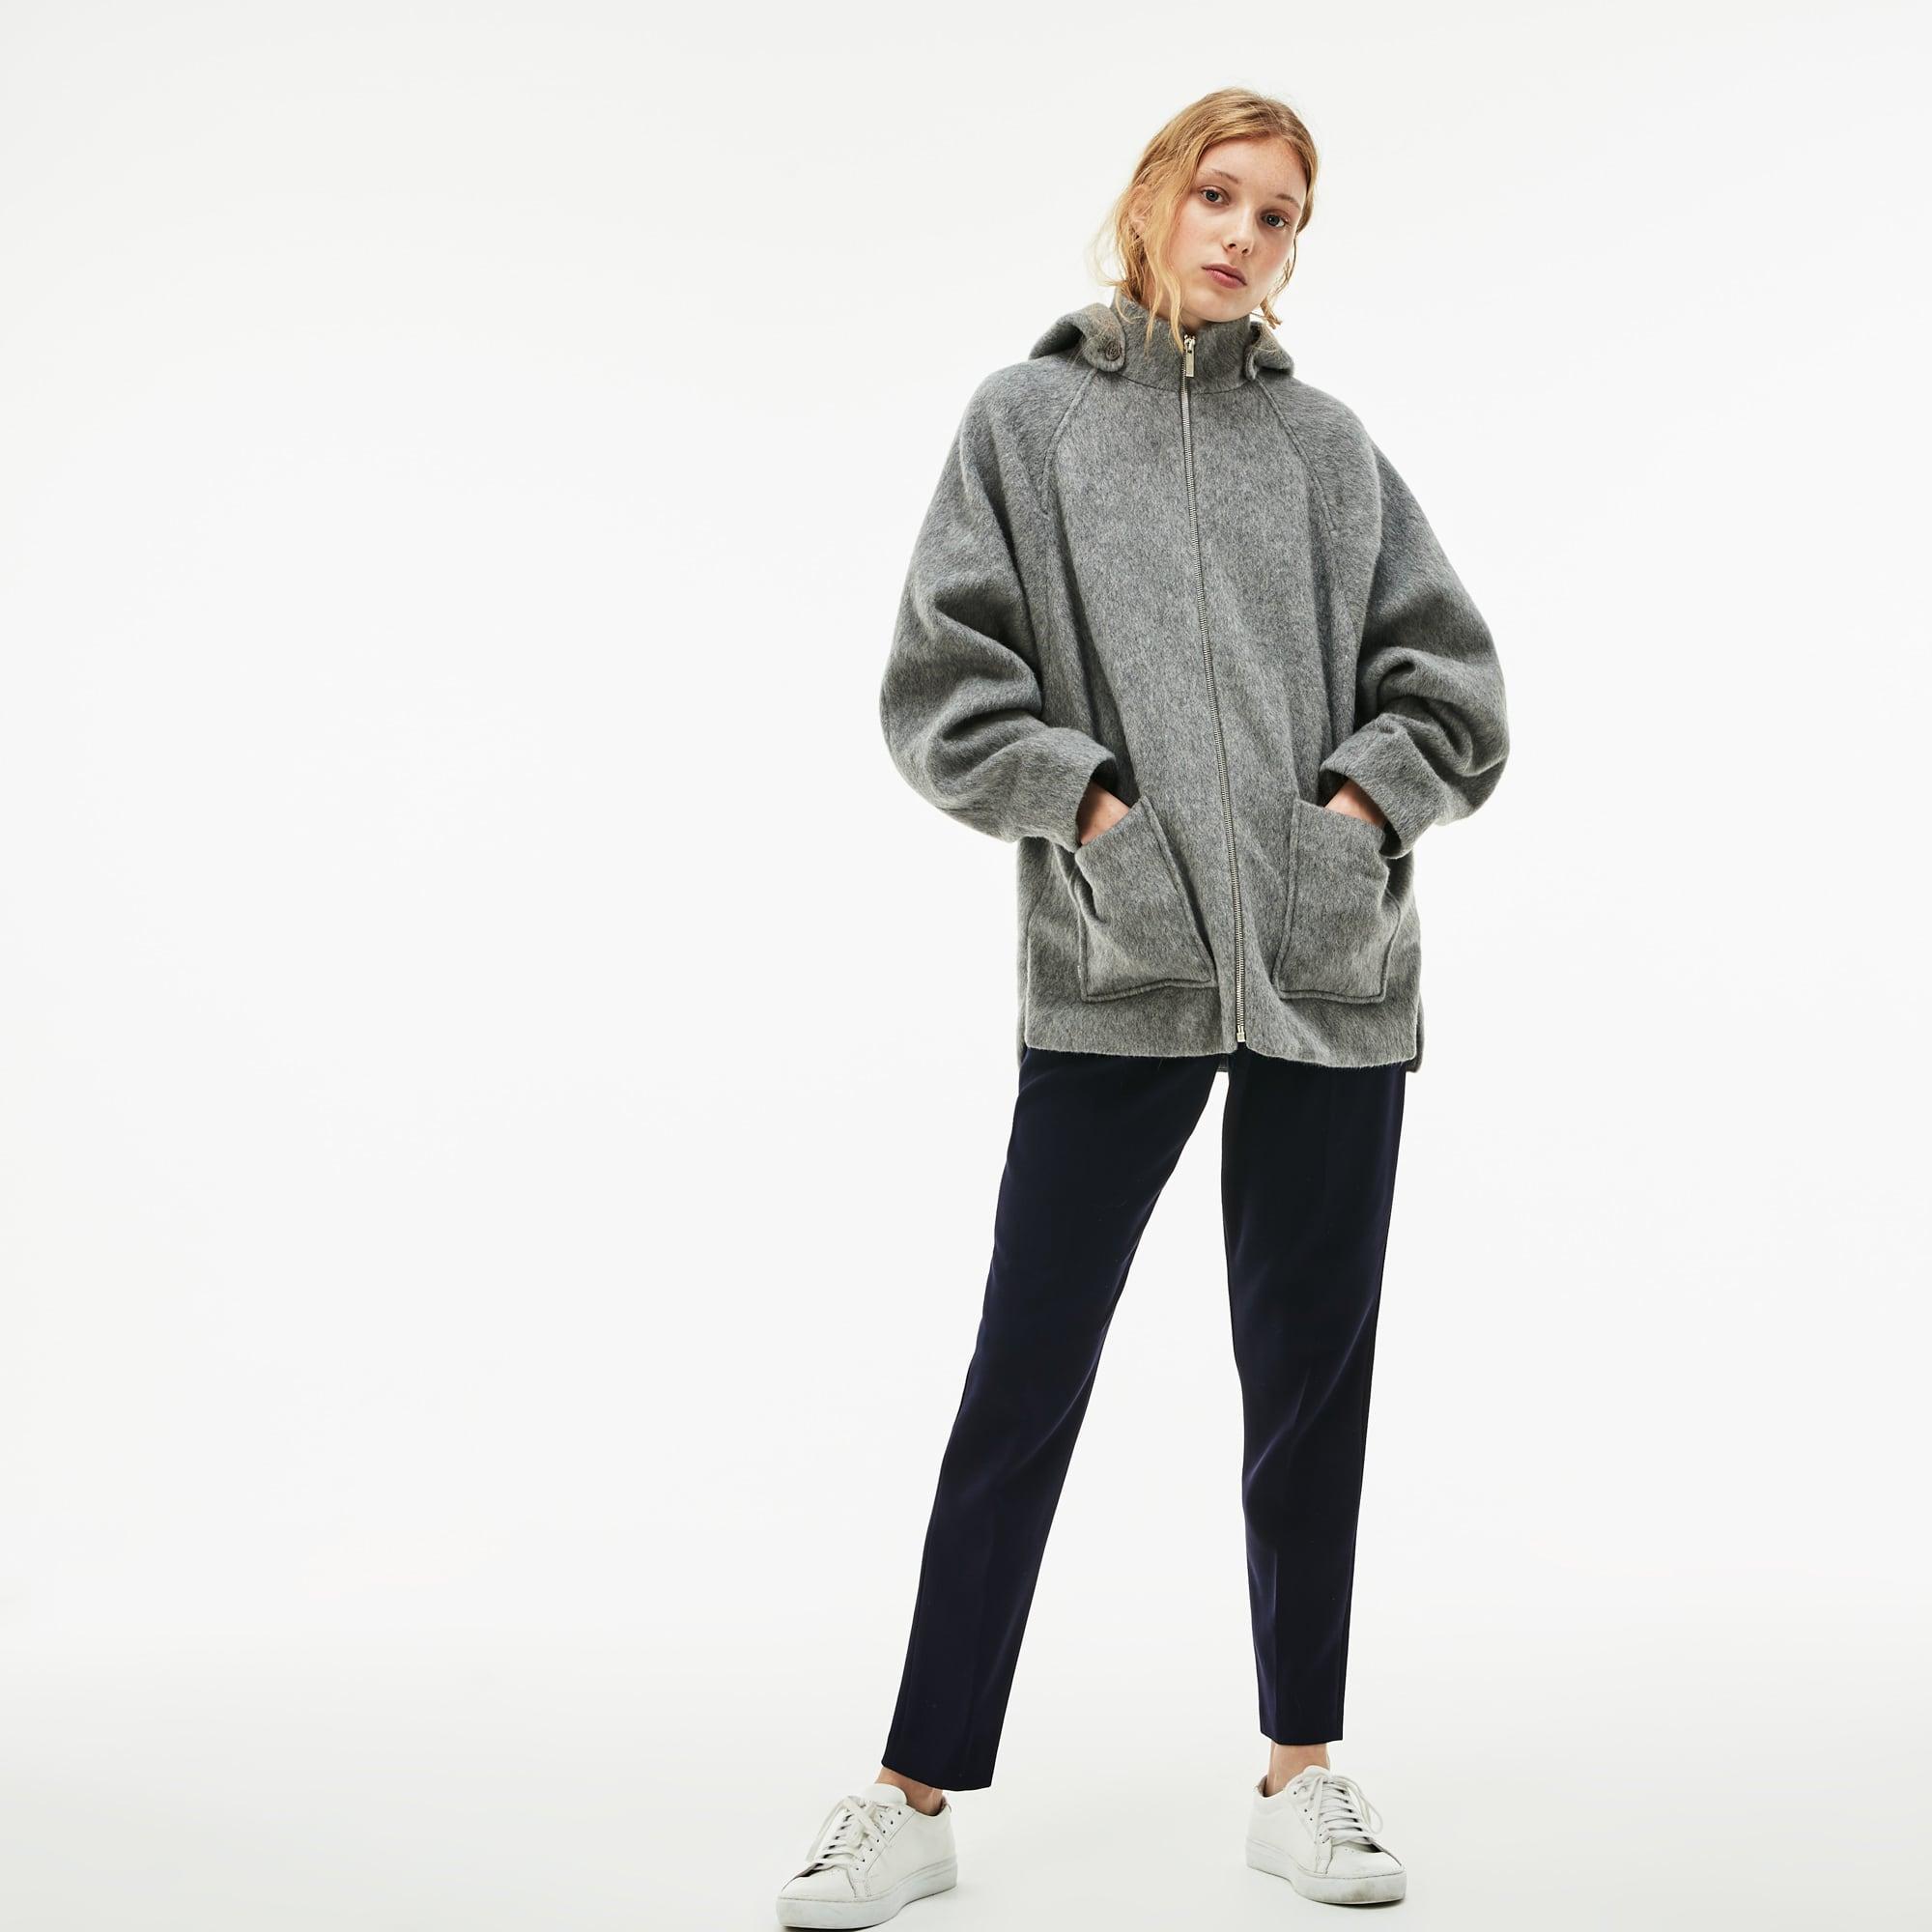 Kurzer Damenmantel aus Woll- und Mohair-Walkstoff